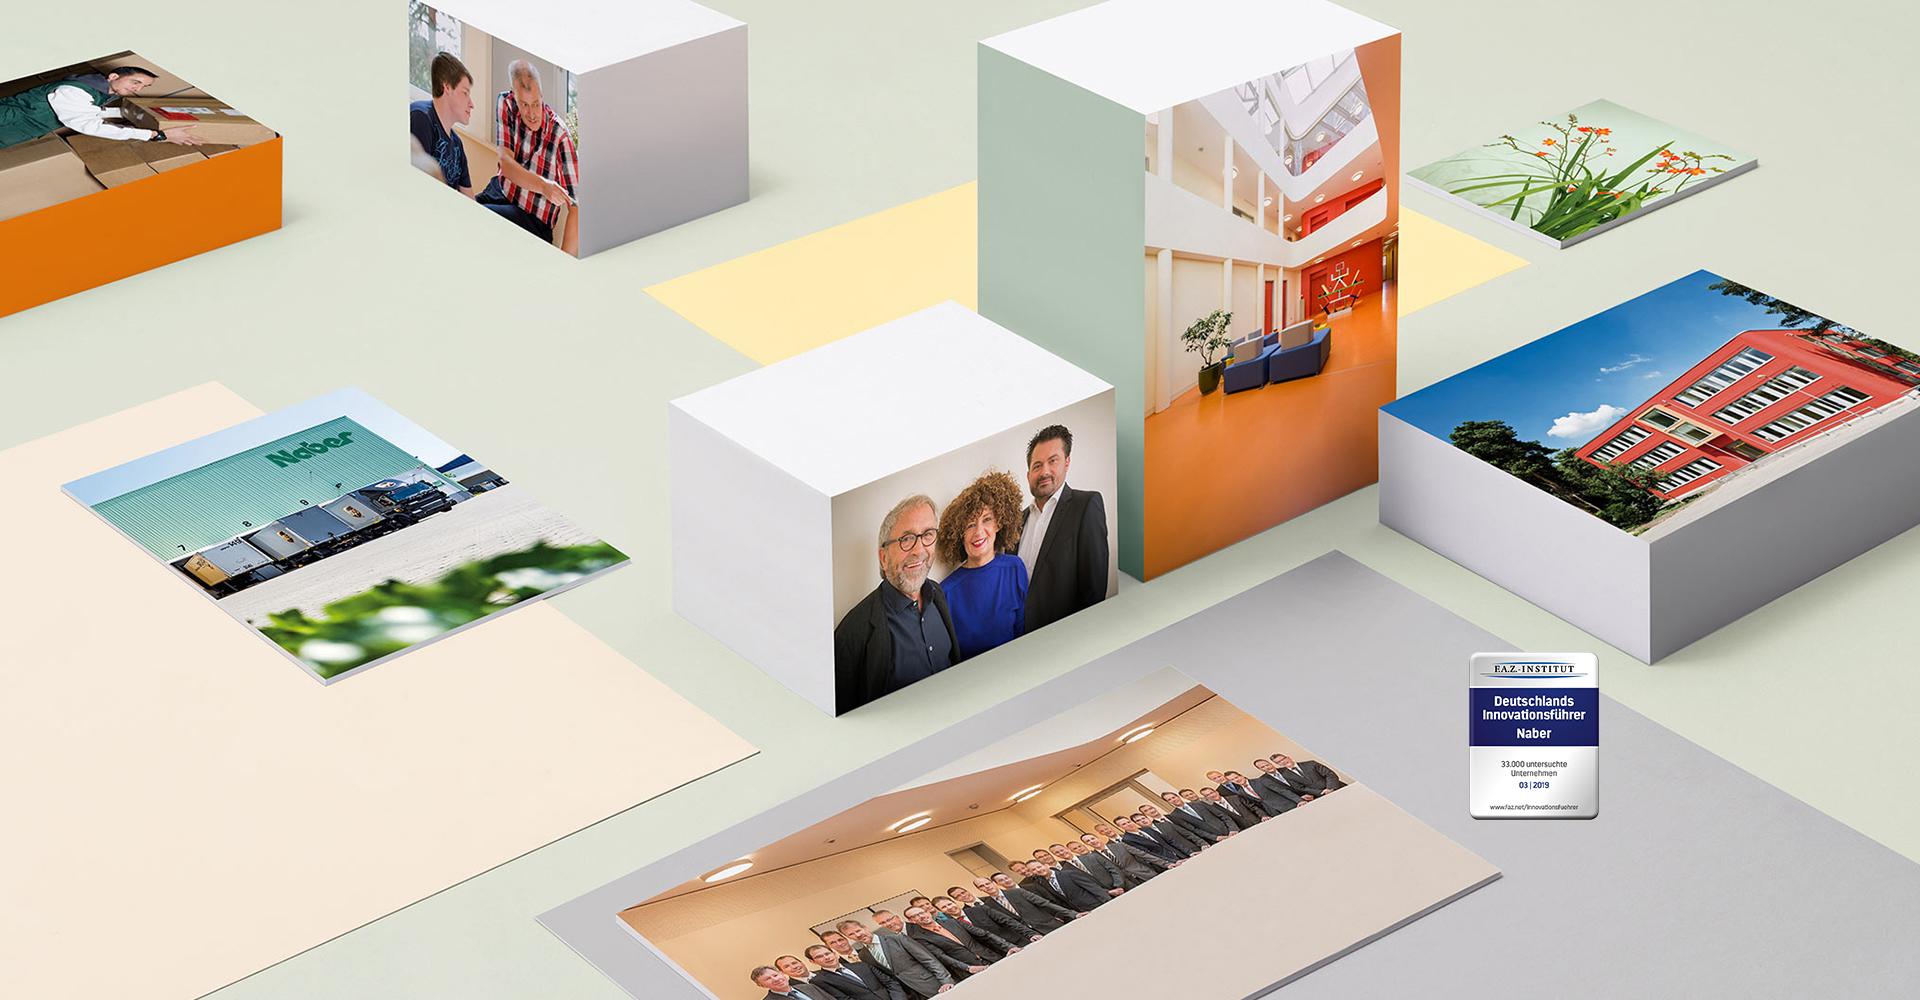 Full Size of Nolte Blendenbefestigung Naber Kchenzubehr Küche Schlafzimmer Betten Wohnzimmer Nolte Blendenbefestigung